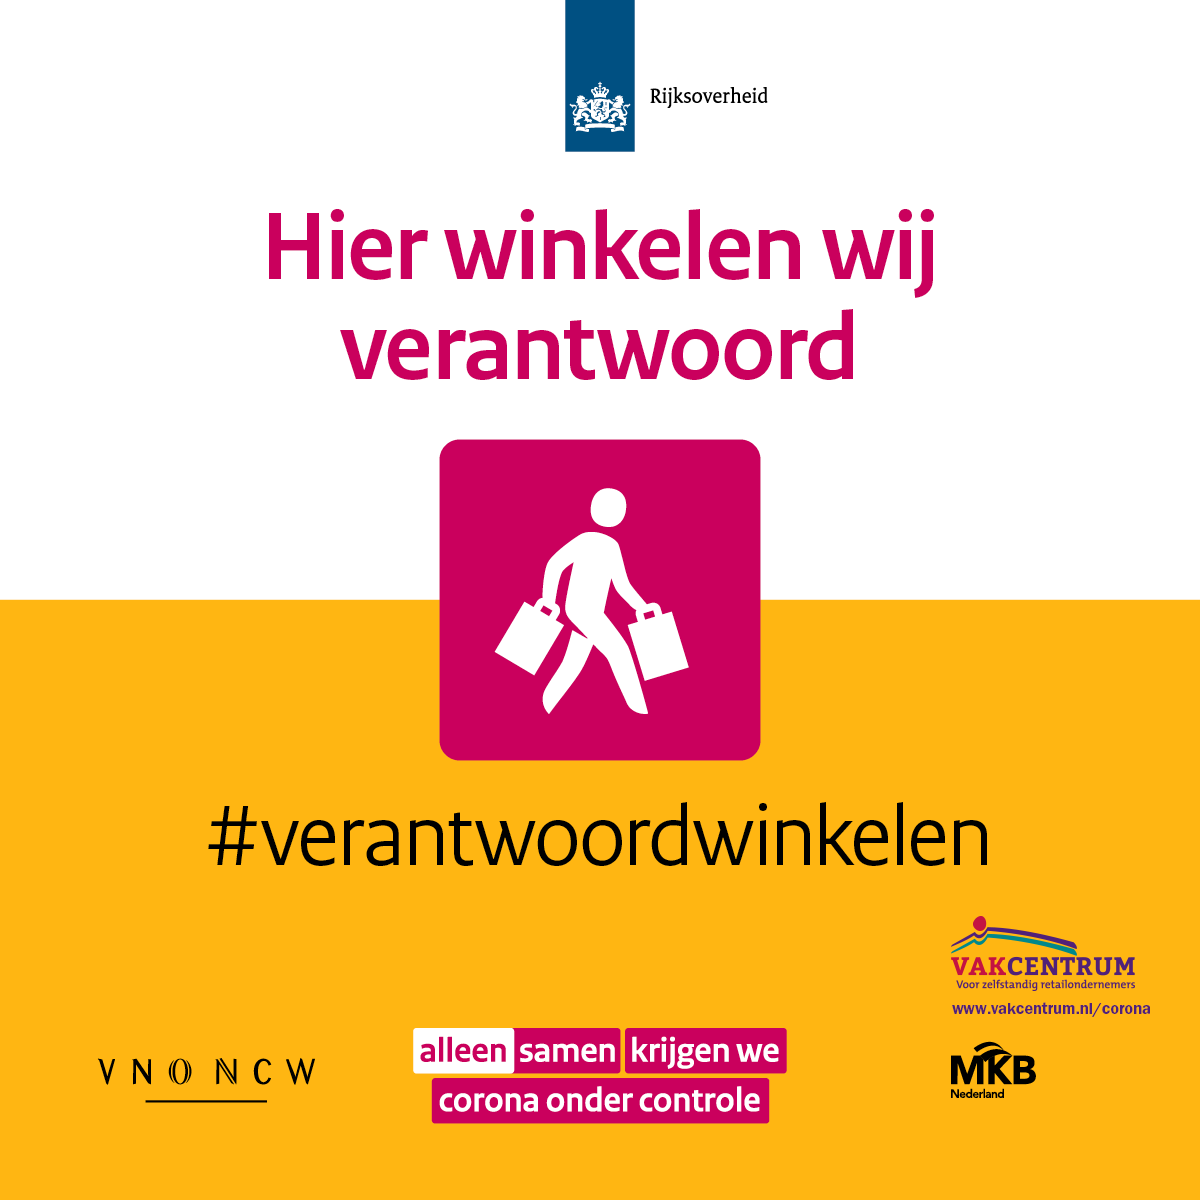 soc-media-verantwoordwinkelen-1200x1200_met-VC-logo